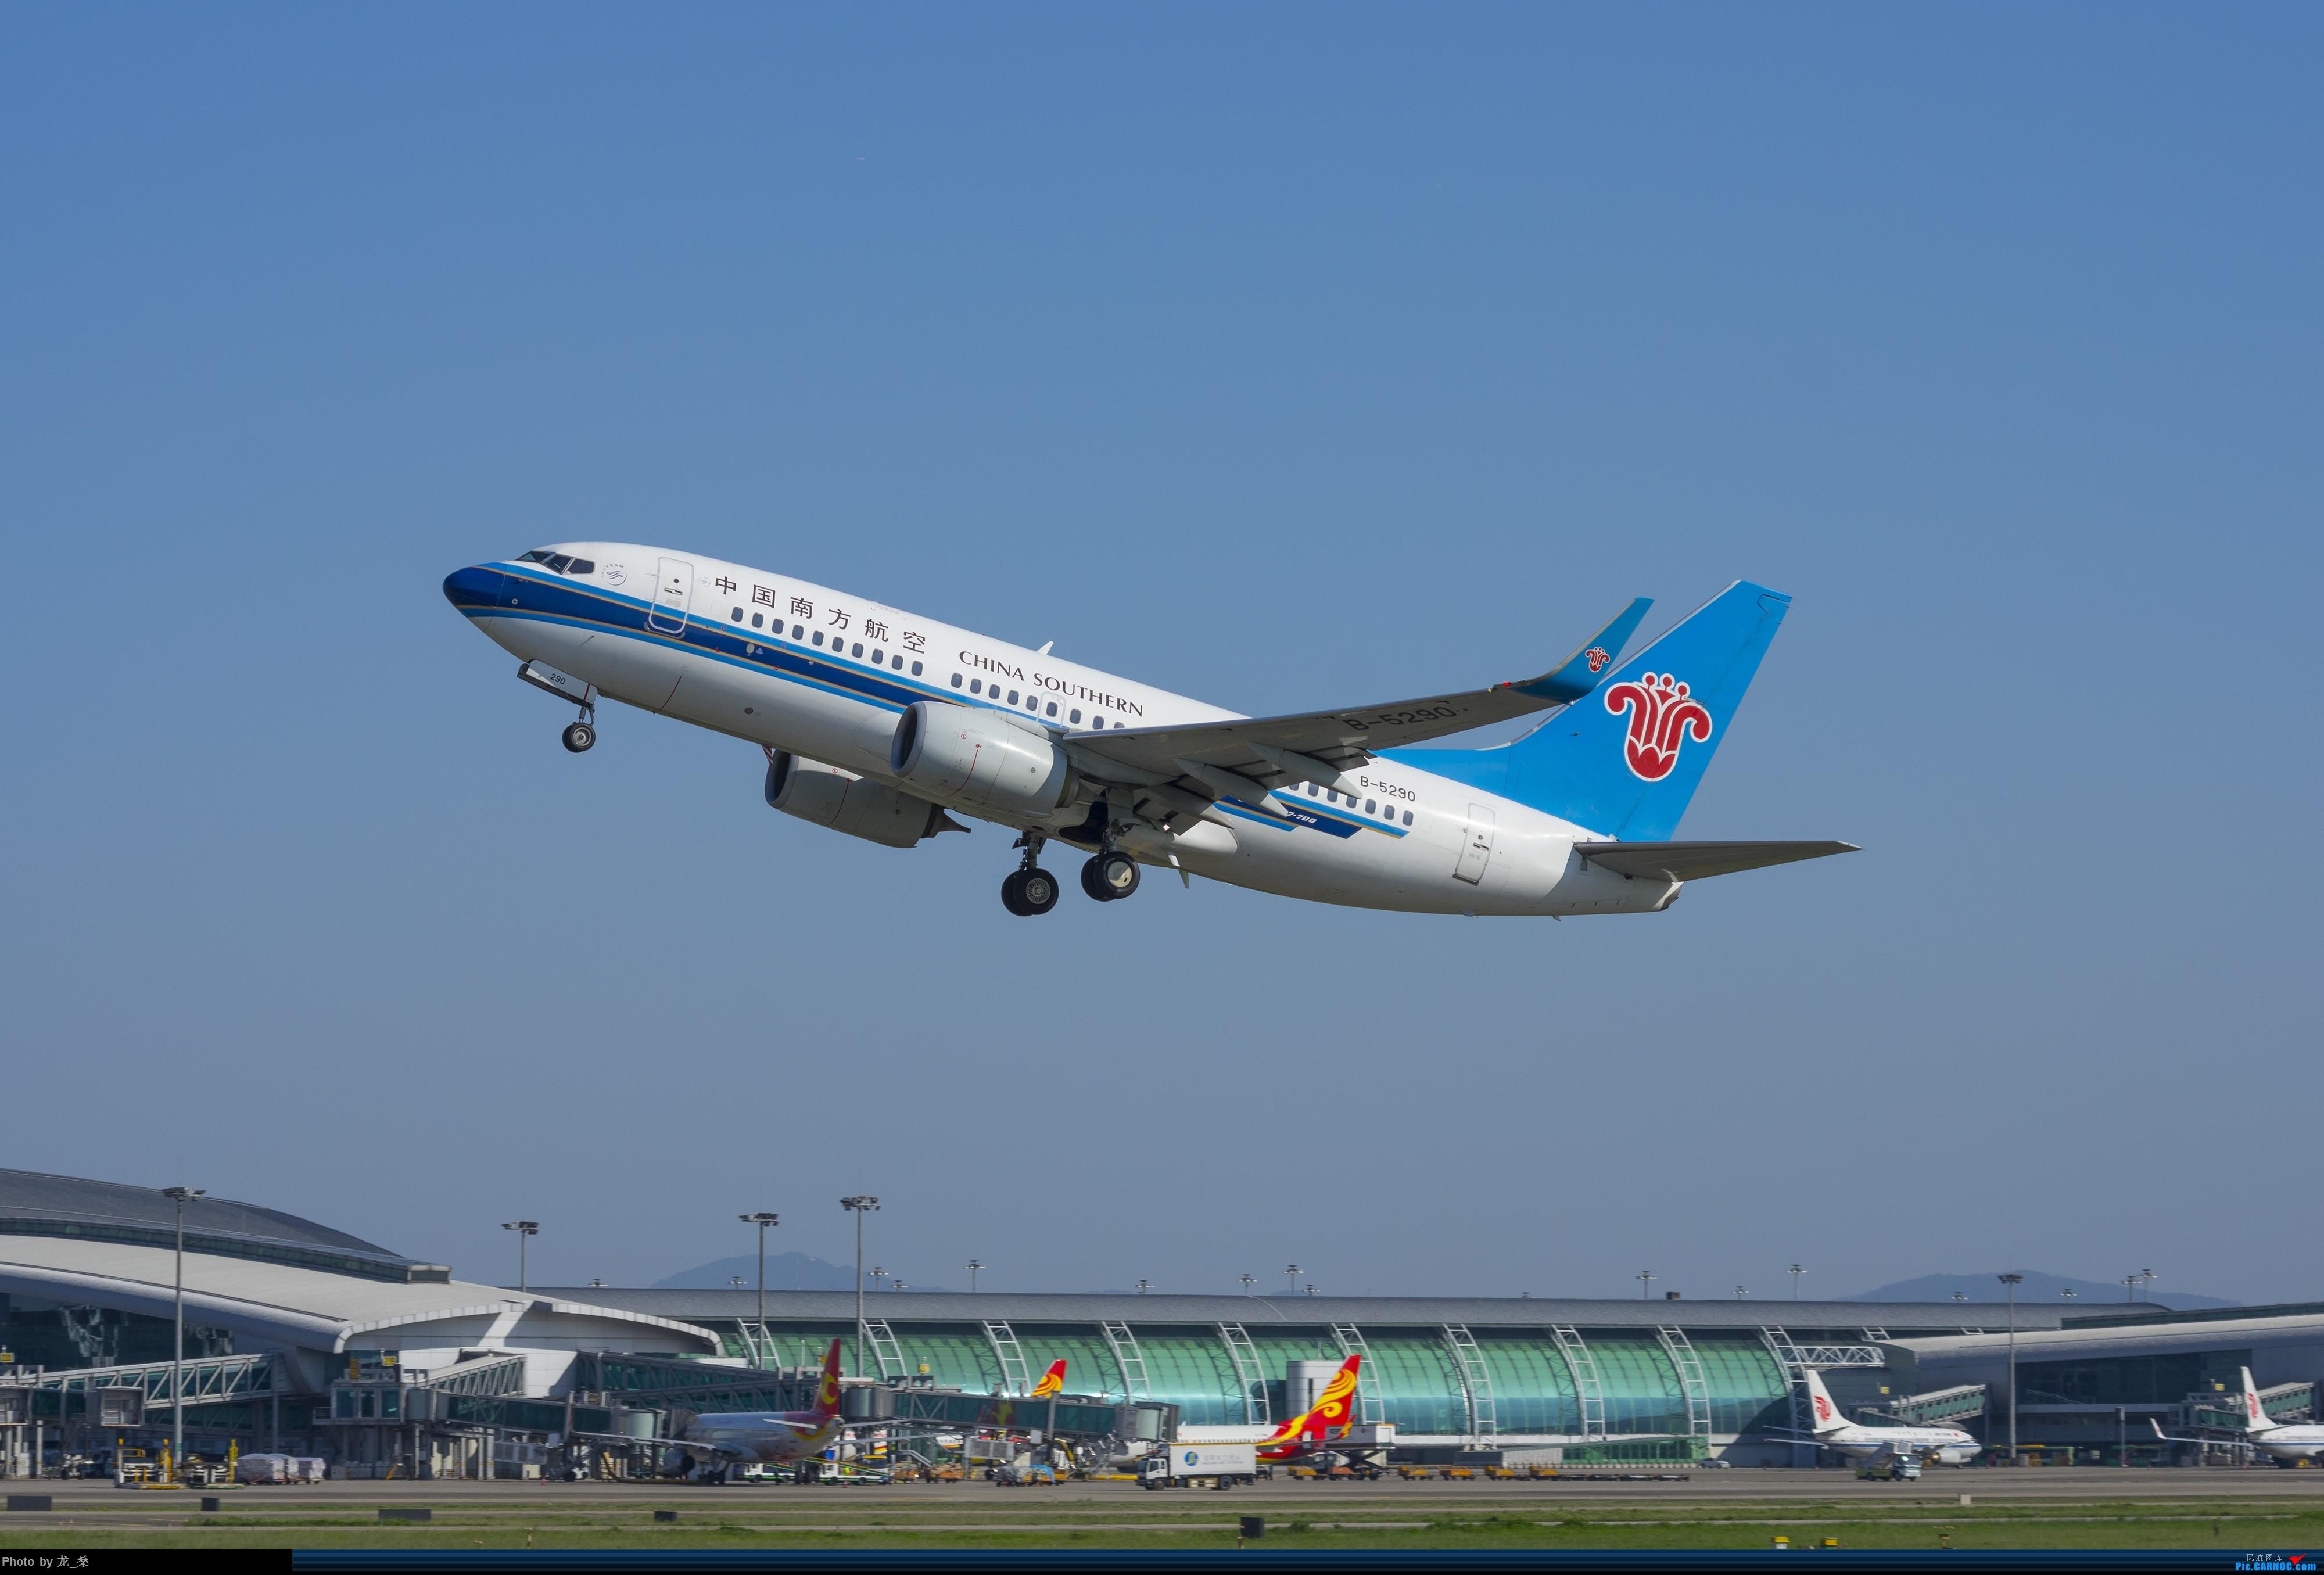 Re:[原创]发一组CAN的旧图,我可能是论坛唯一宾得党了吧 BOEING 737-700 B-5290 中国广州白云国际机场